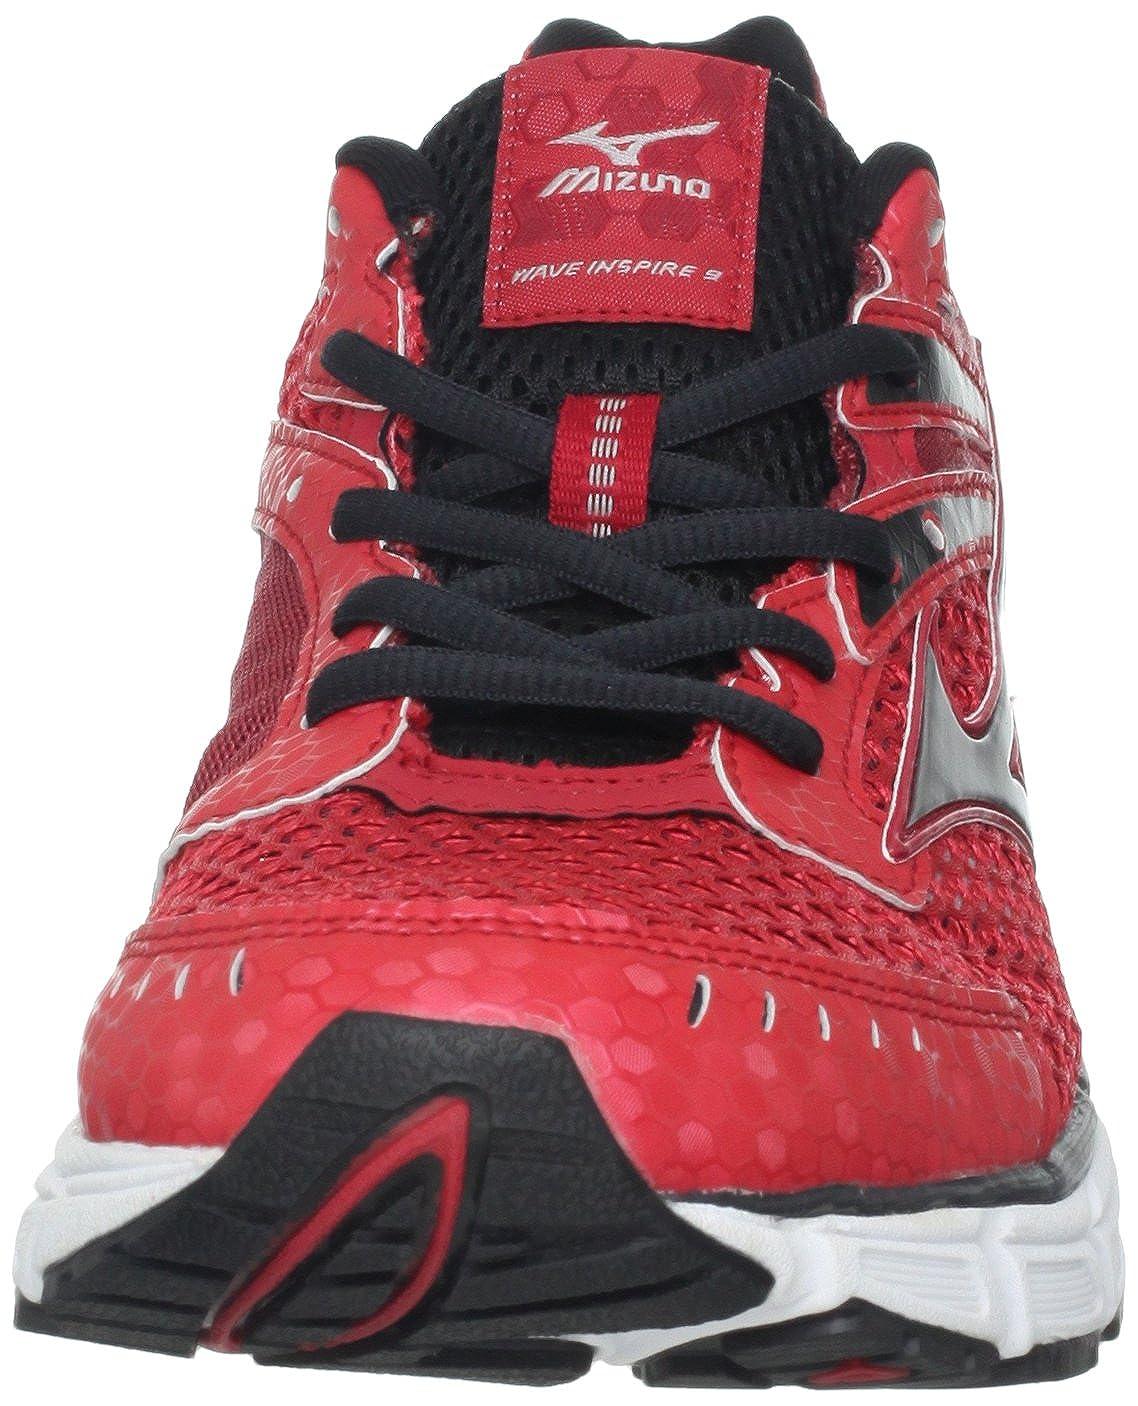 Mizuno Wave Inspire 9 Uomo Rosso Scarpe ginnastica Taglia EU 40 aa255c5dd83